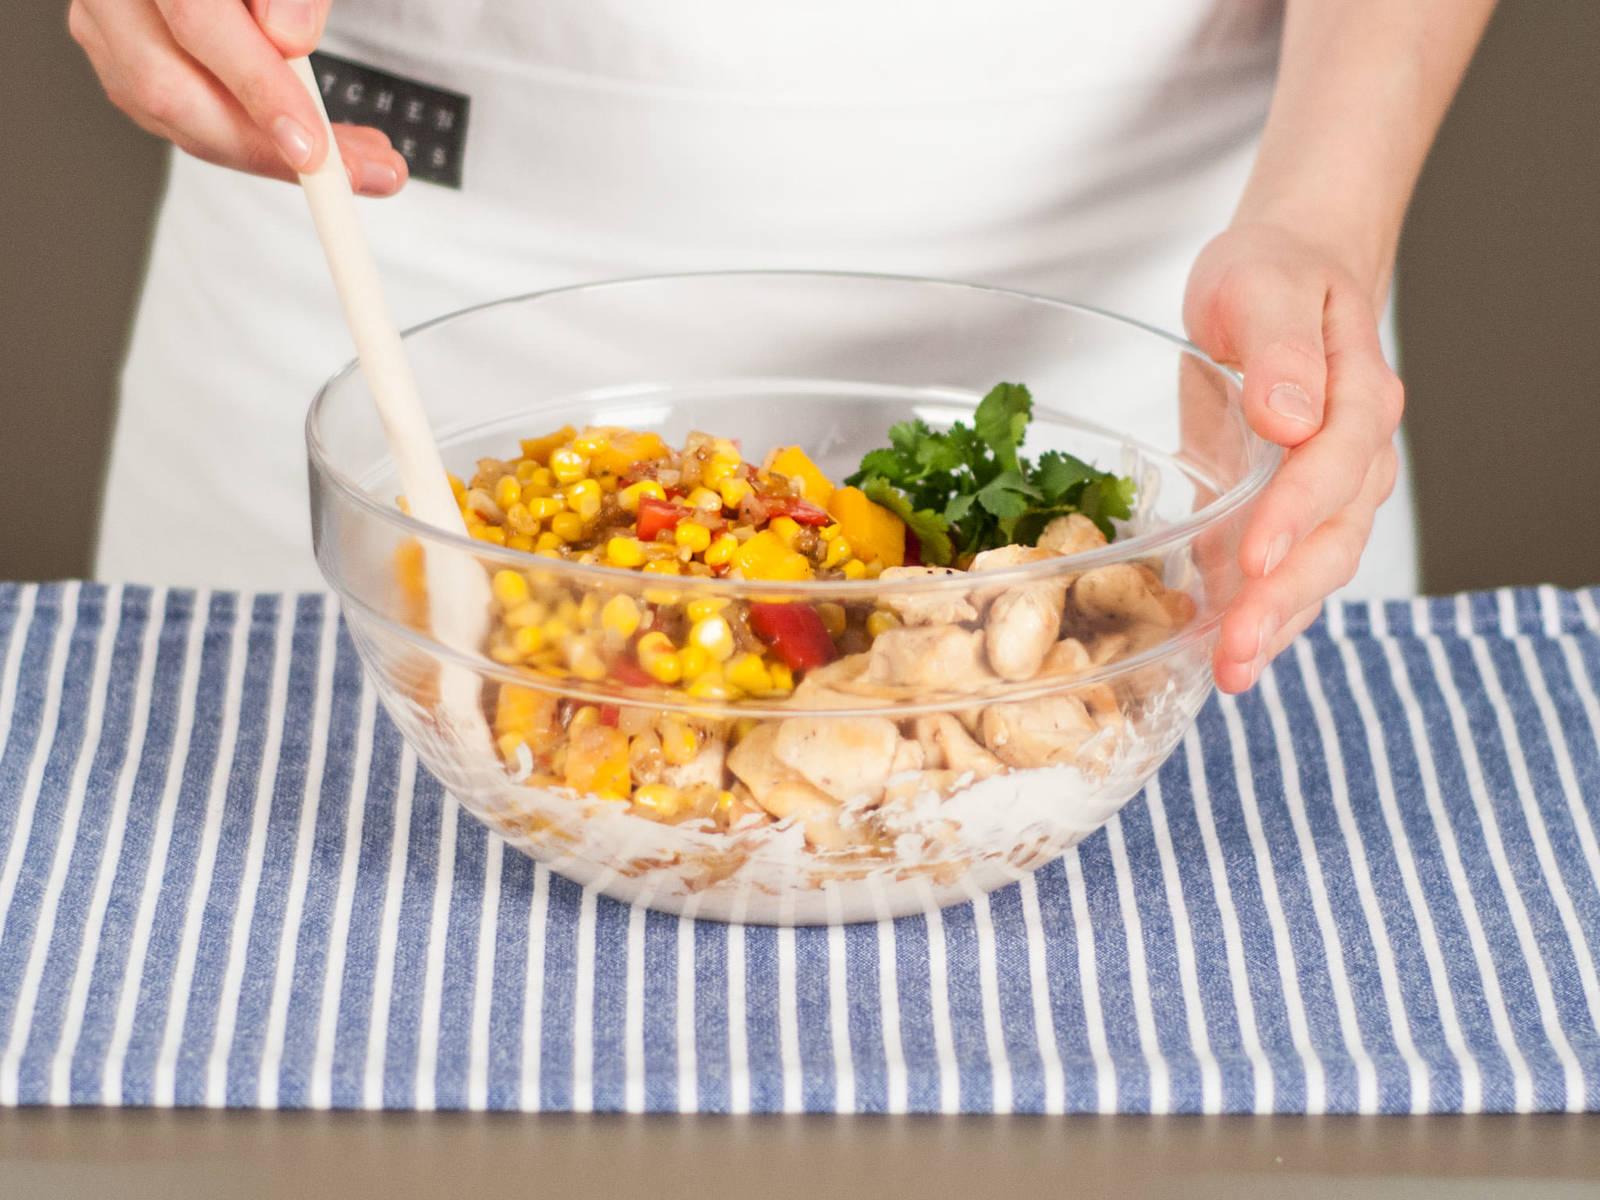 将炒好的蔬菜与鸡肉加入到鲜奶油和奶酪的混合物中,搅拌均匀,制成馅料。